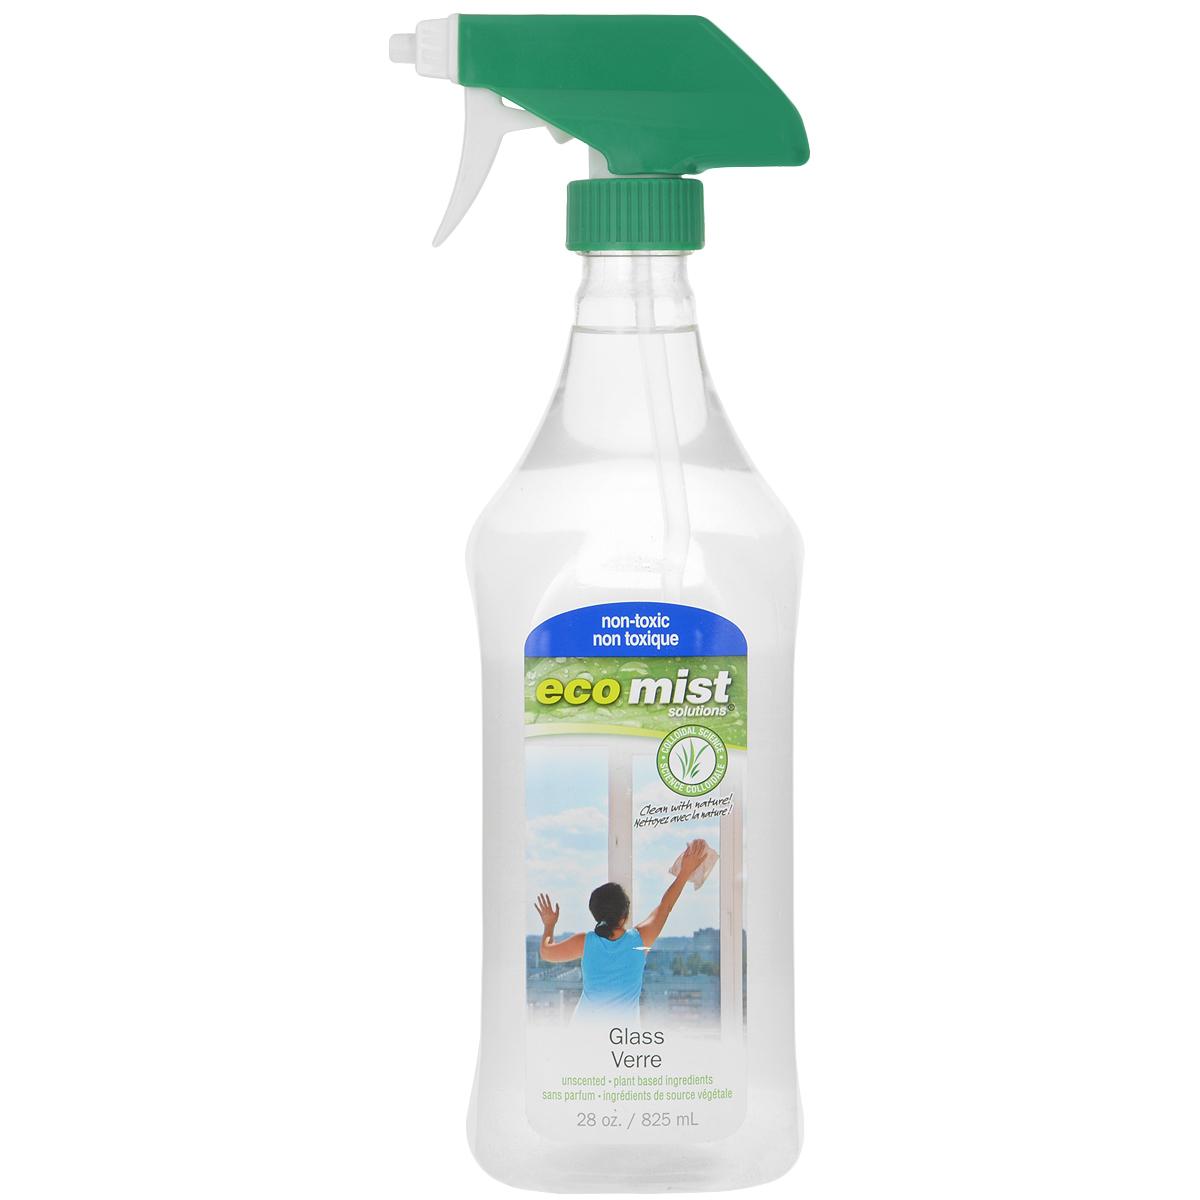 Средство для мытья стекол Eco Mist, 825 млEM825XXGXTR06EFLМоющее средство Eco Mist, не оставляющее разводов! Используется для мойки окон, зеркал и других стеклянных поверхностей. Может быть также использовано для очистки хромированных и металлических предметов. Средство идеально подходит для людей с чувствительной кожей. Не токсично. Без запаха. Идеальное средство для зеркал, автомобильного стекла и пластиковых панелей. Состав: дехлорированная вода, сахарный тростник, переработанный экстракт кокоса.